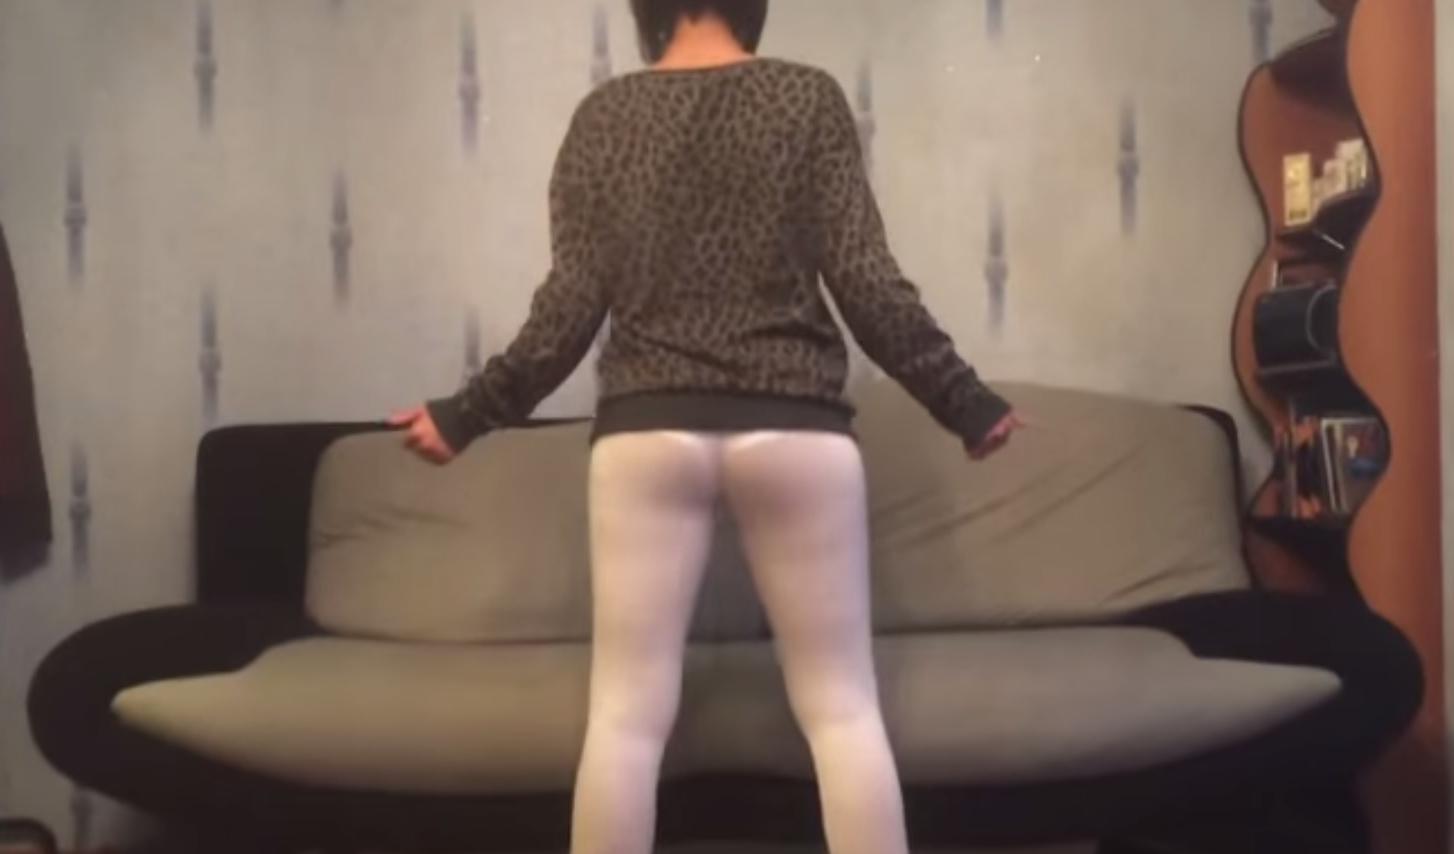 Порно HD 720p. Смотреть онлайн видео бесплатно!